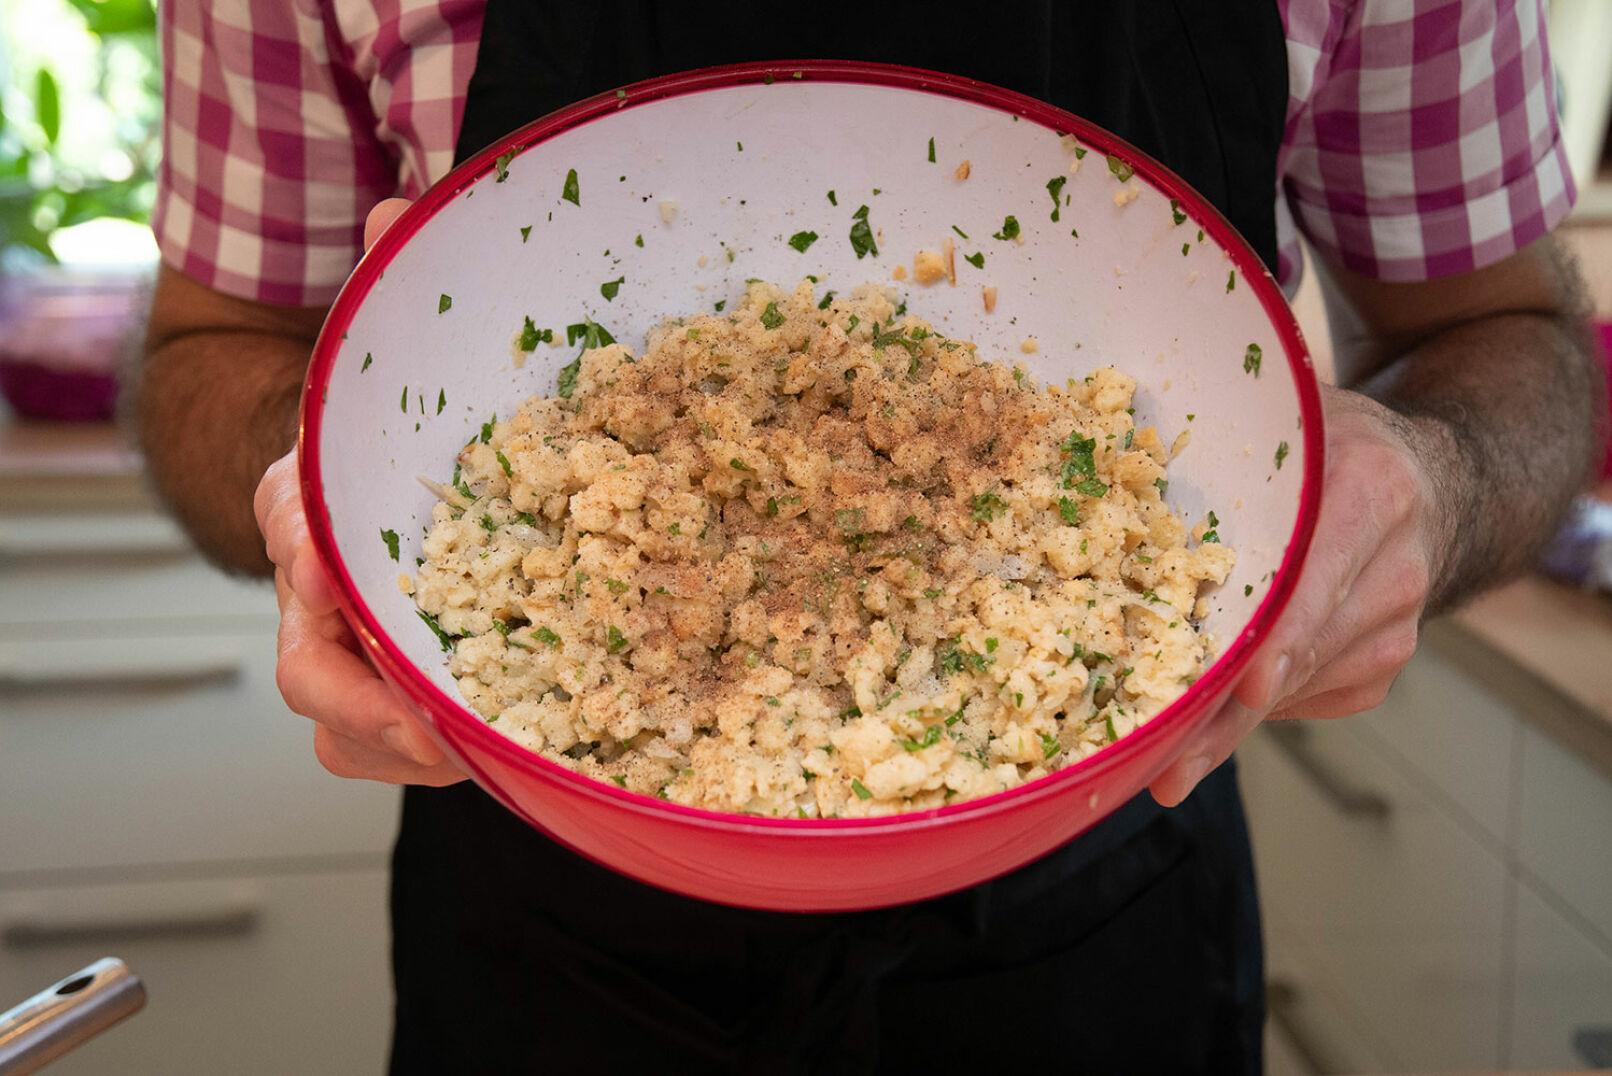 Milch, Eier, Salz, Pfeffer und Muskat mit einem Schneebesen verrühren, unter die Masse heben, 30 Min. ruhen lassen. - © Barbara Marko